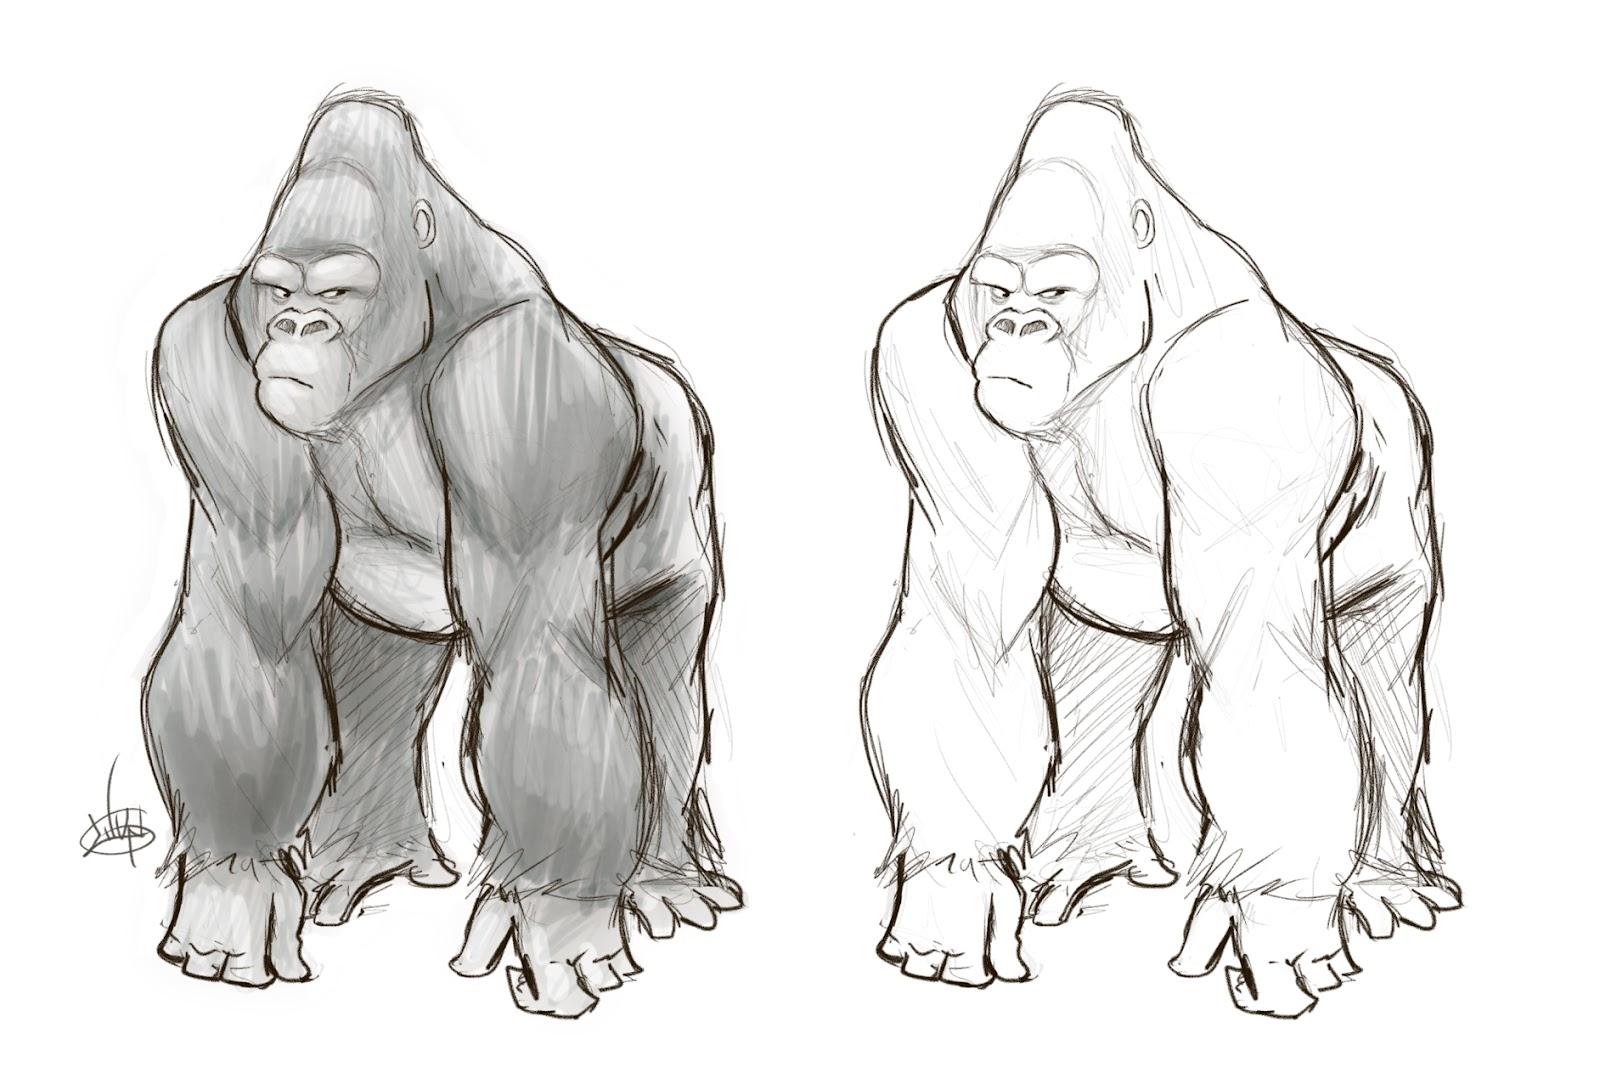 Drawn gorilla Drawing photo#3 drawing Gorilla Gorilla